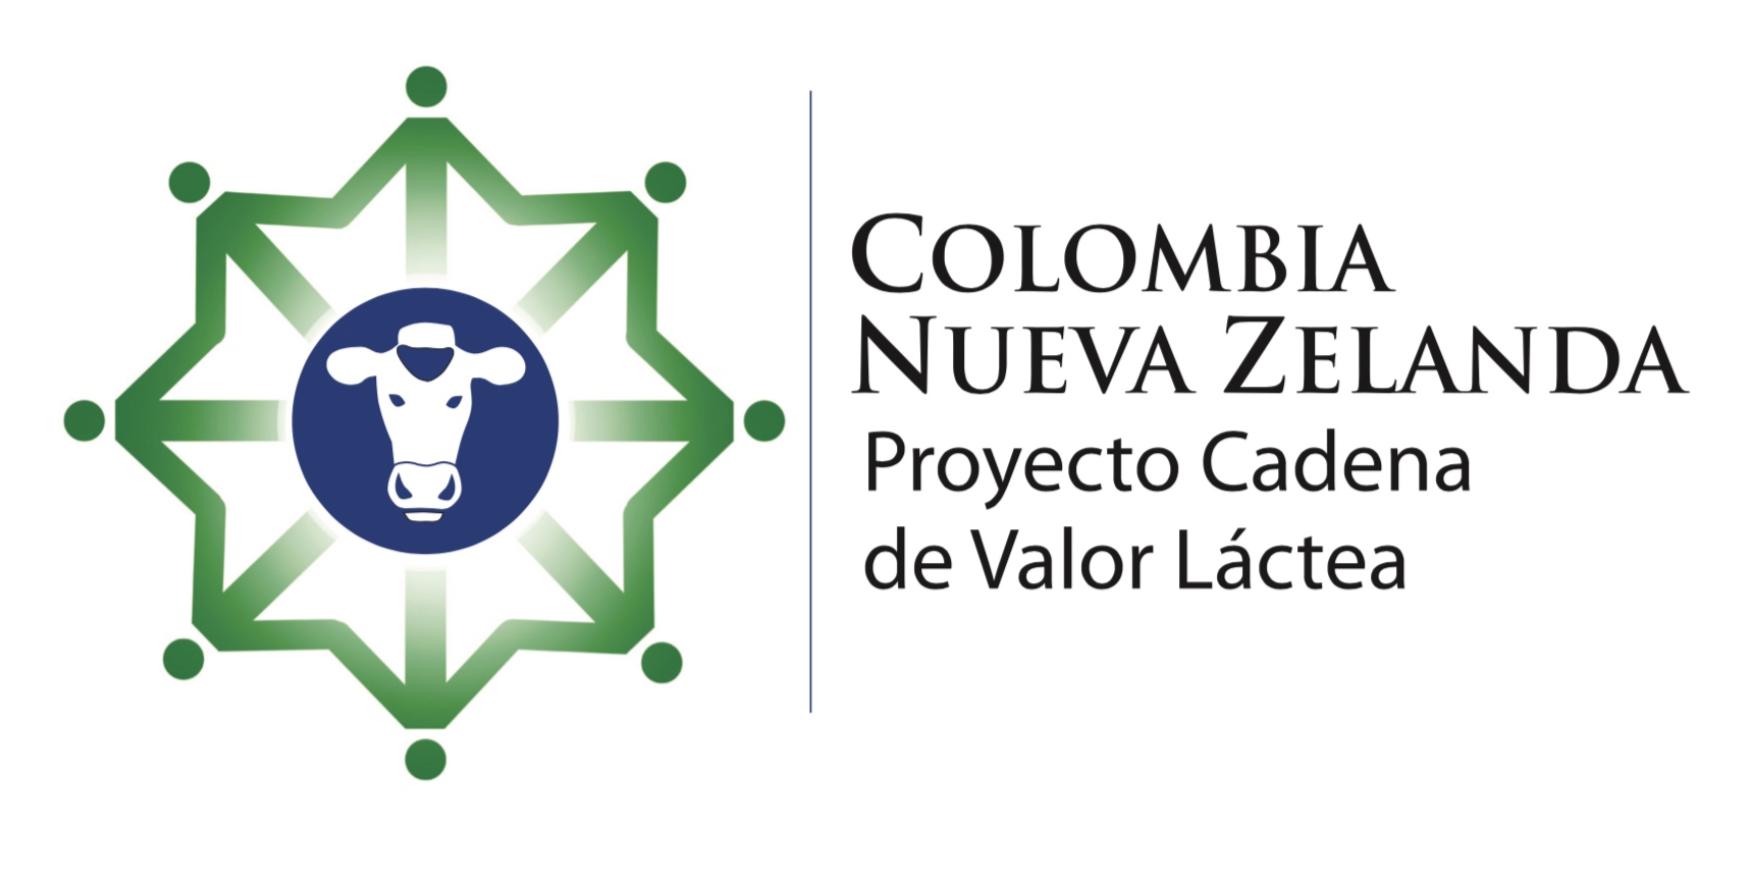 Colombia-nueva-zelanda-logo